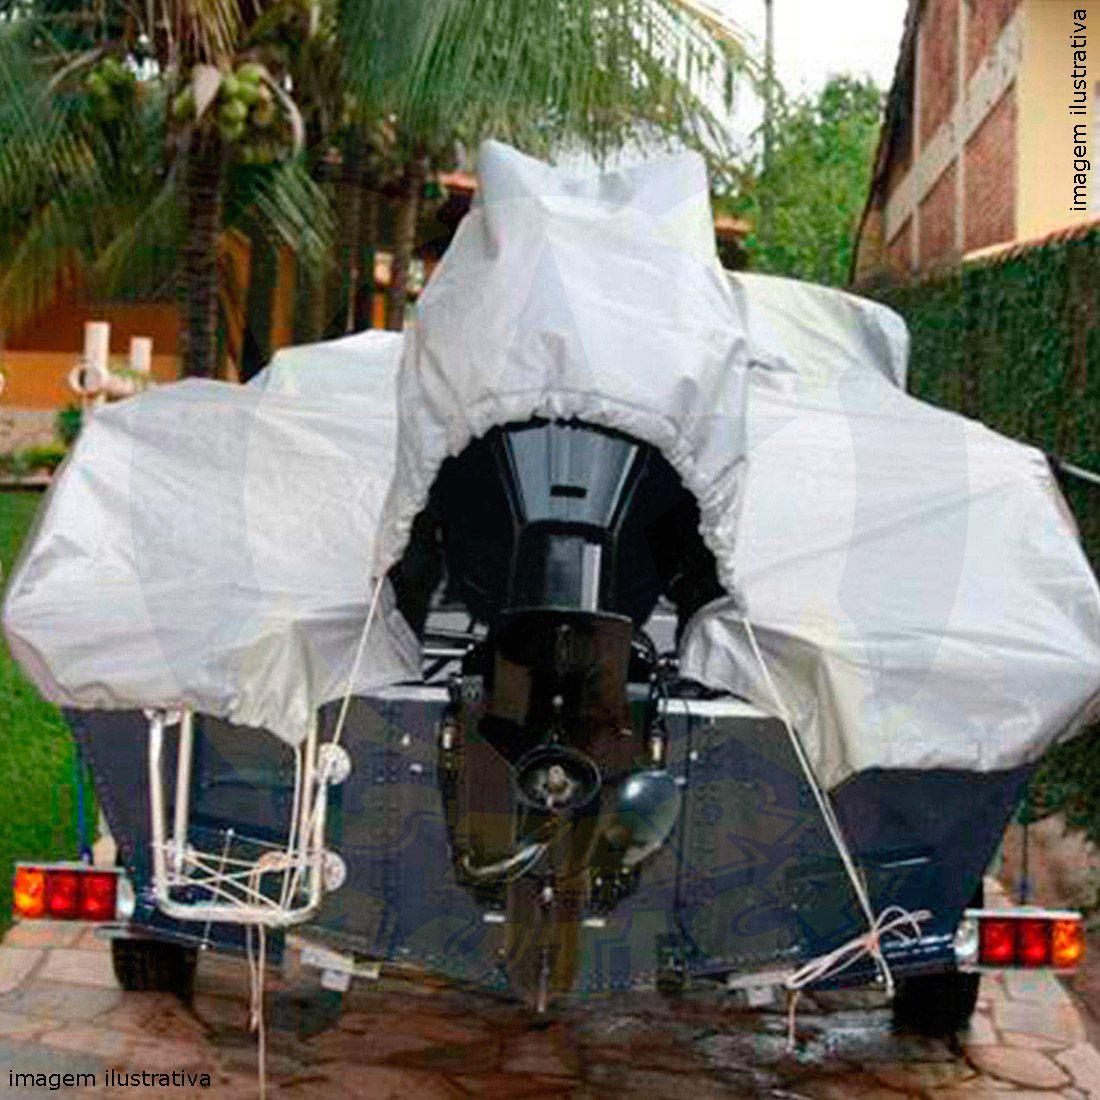 Capa Lona de Cobertura Lancha de Aluminio 19 Pés Lona Metalizada